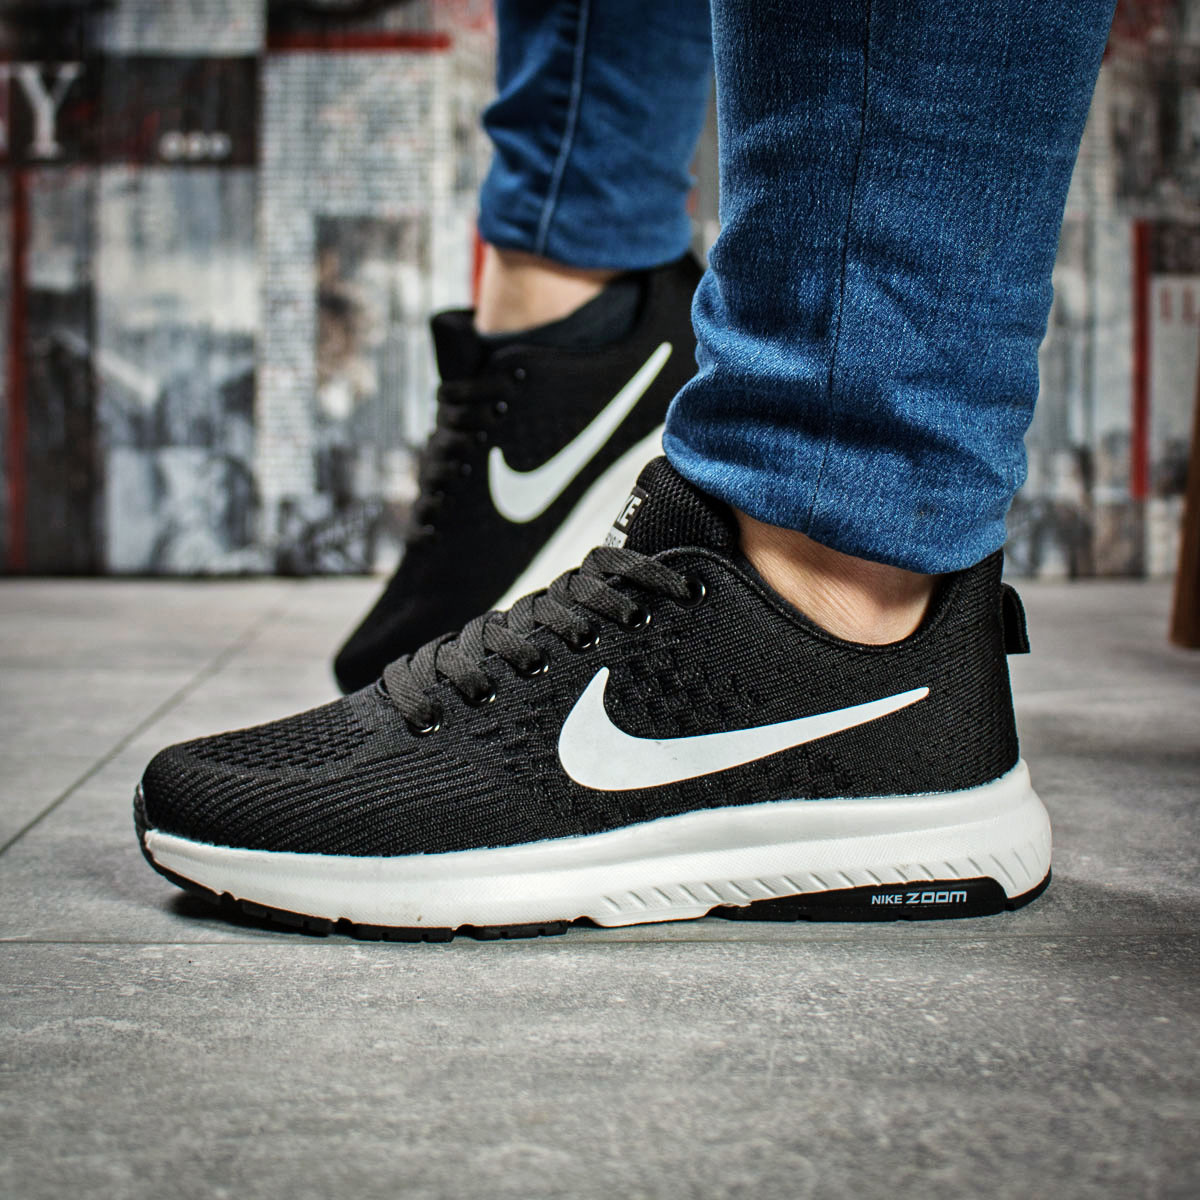 Кроссовки женские 16001, Nike Zoom Pegasus, черные, < 37 38 > р. 37-23,7см.